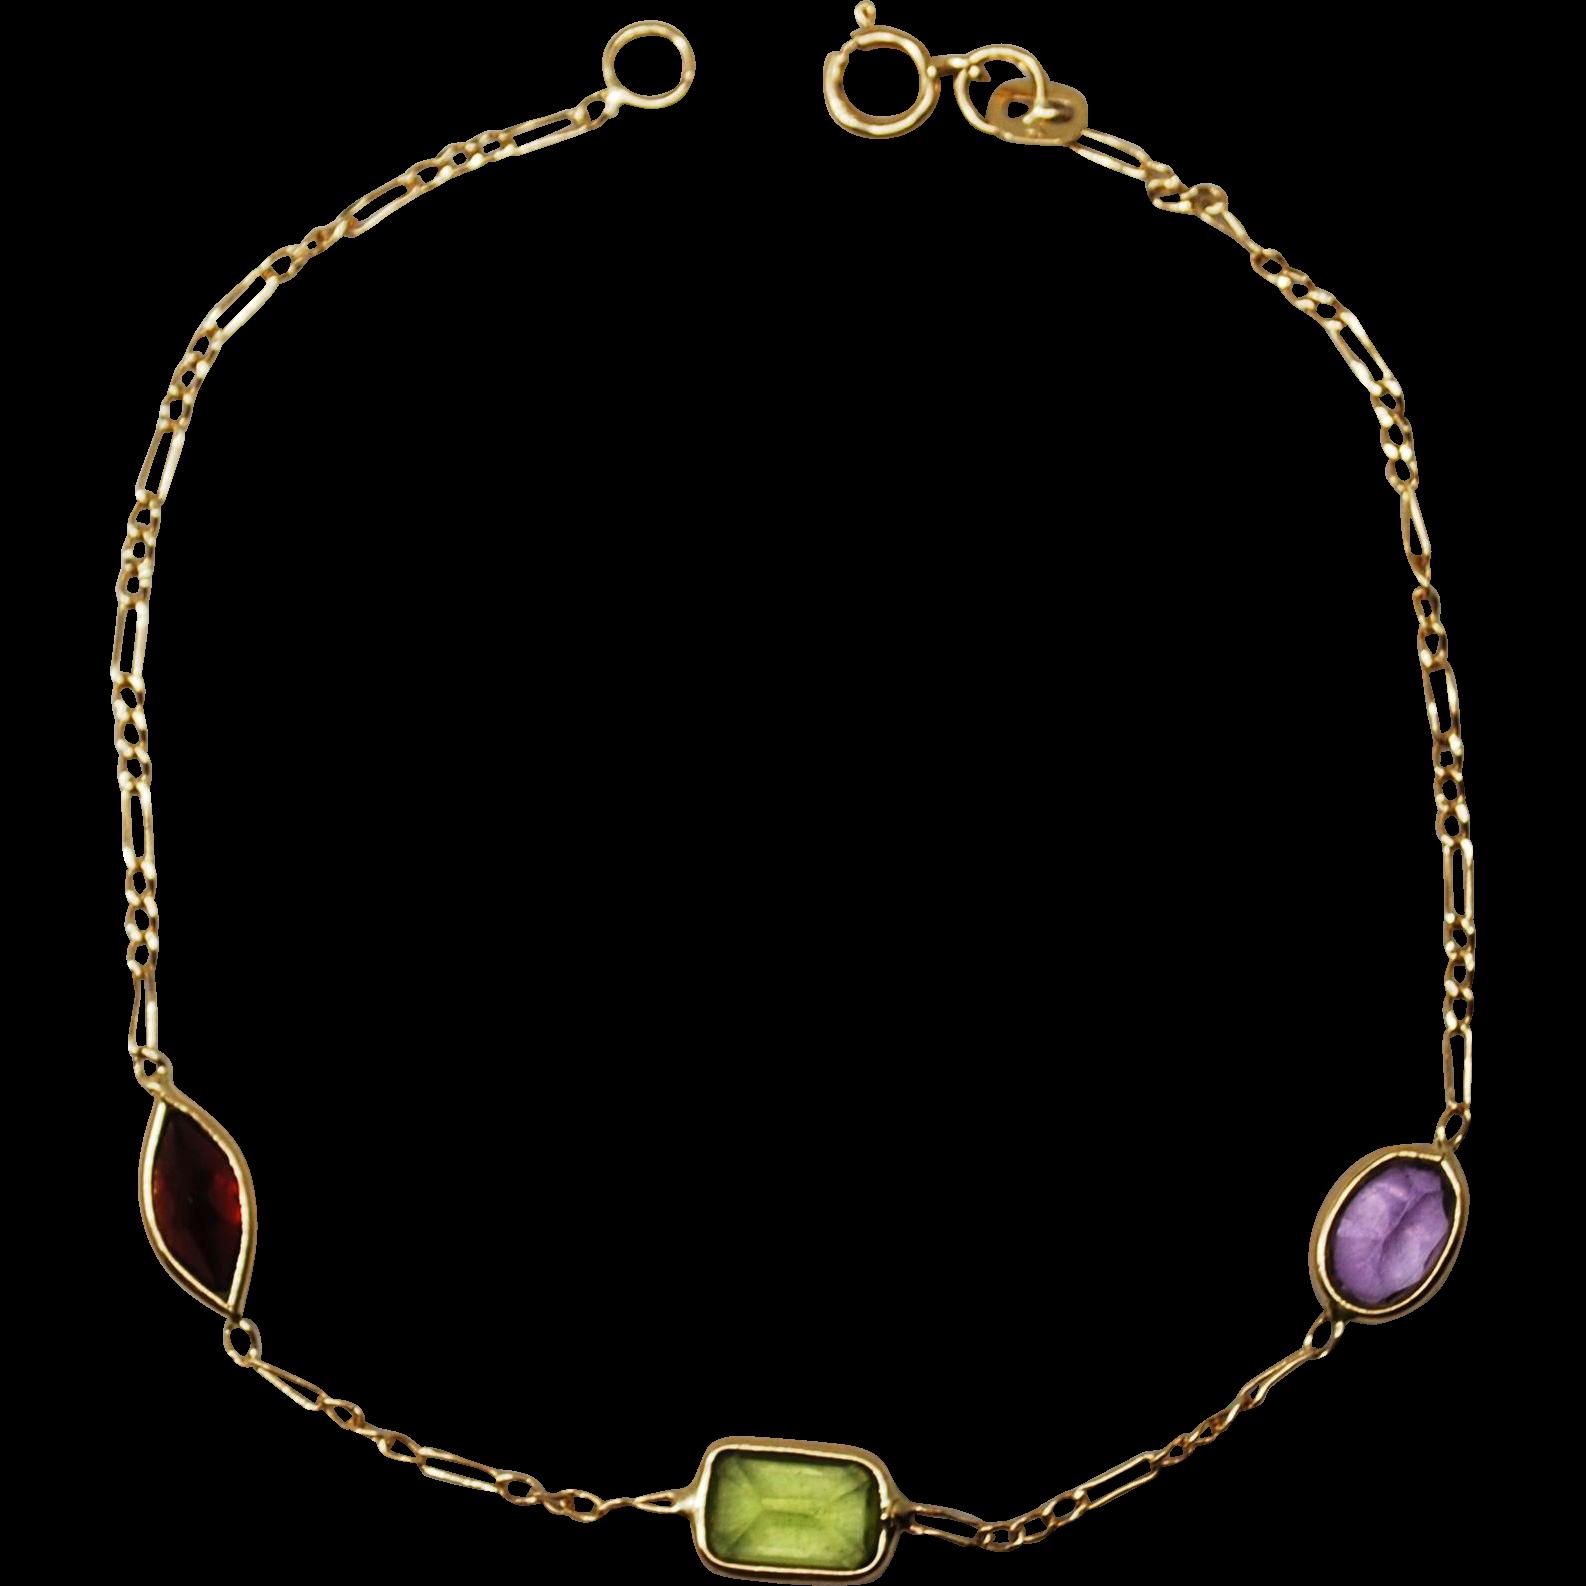 14K Gold Chain Link Gemstone Bracelet from tresorsaimes on ...